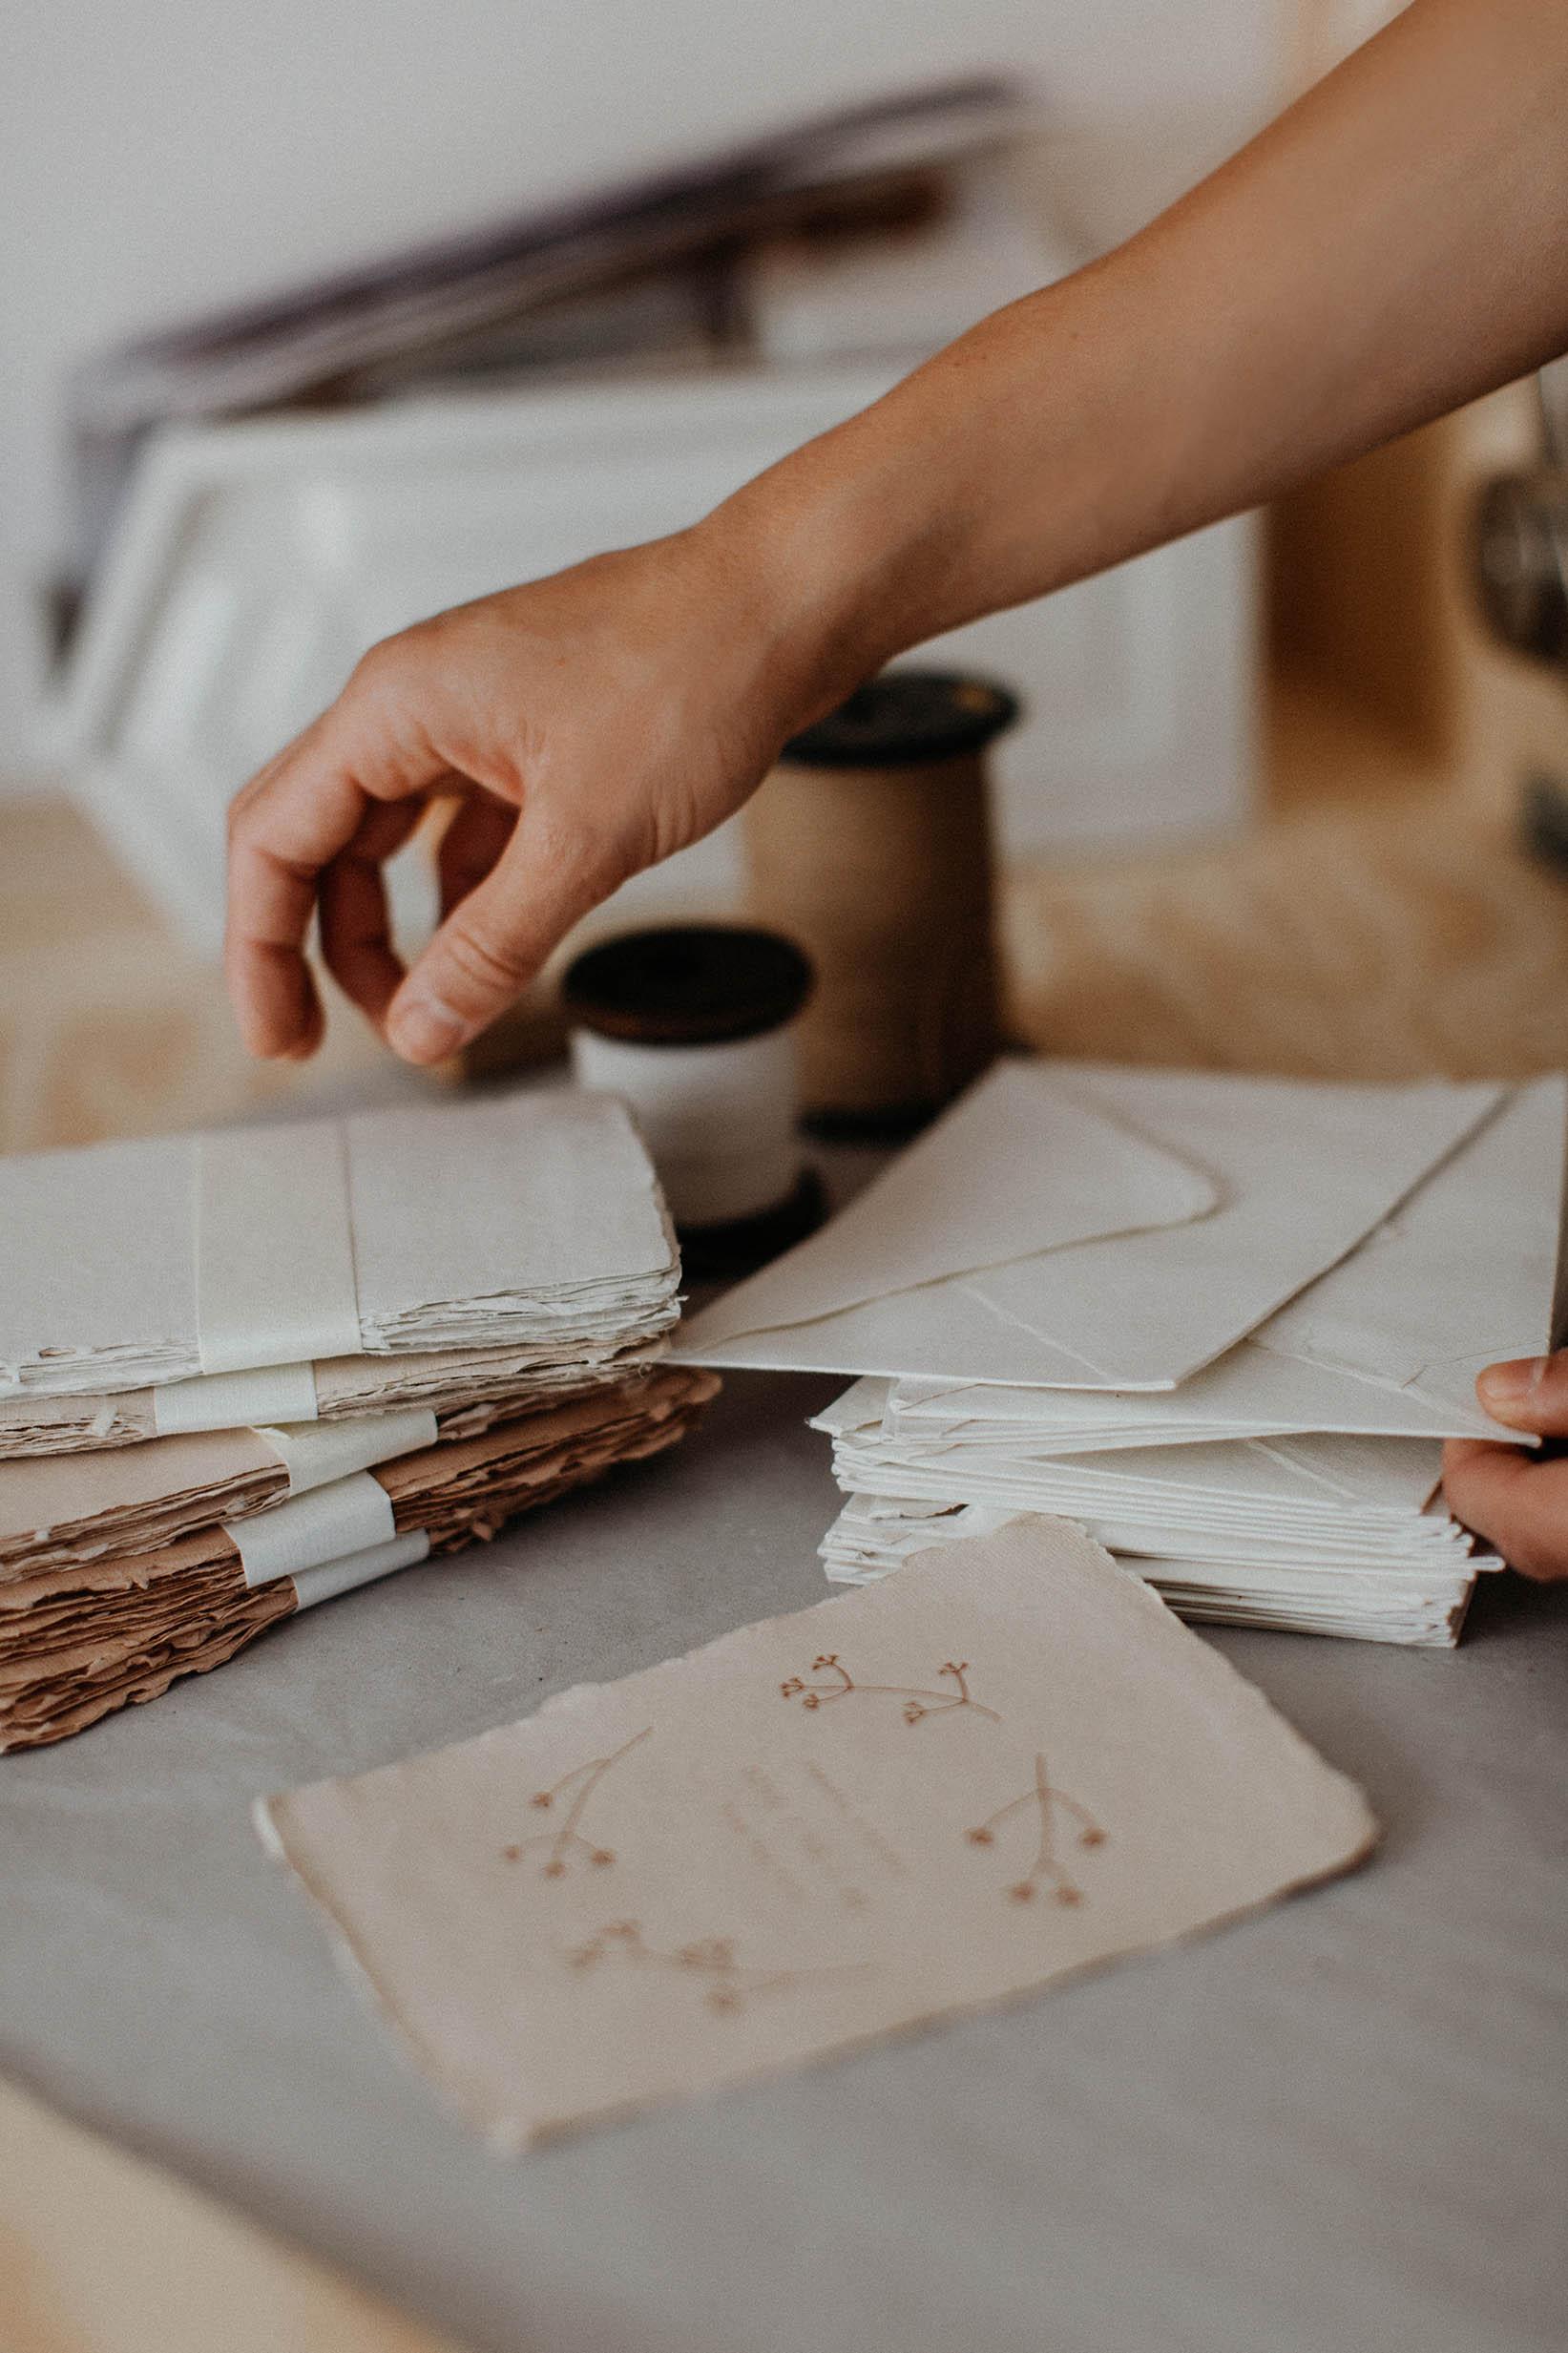 Traumanufaktur_Letterpress_Druckpresse-Hochzeitskarten_15.jpg